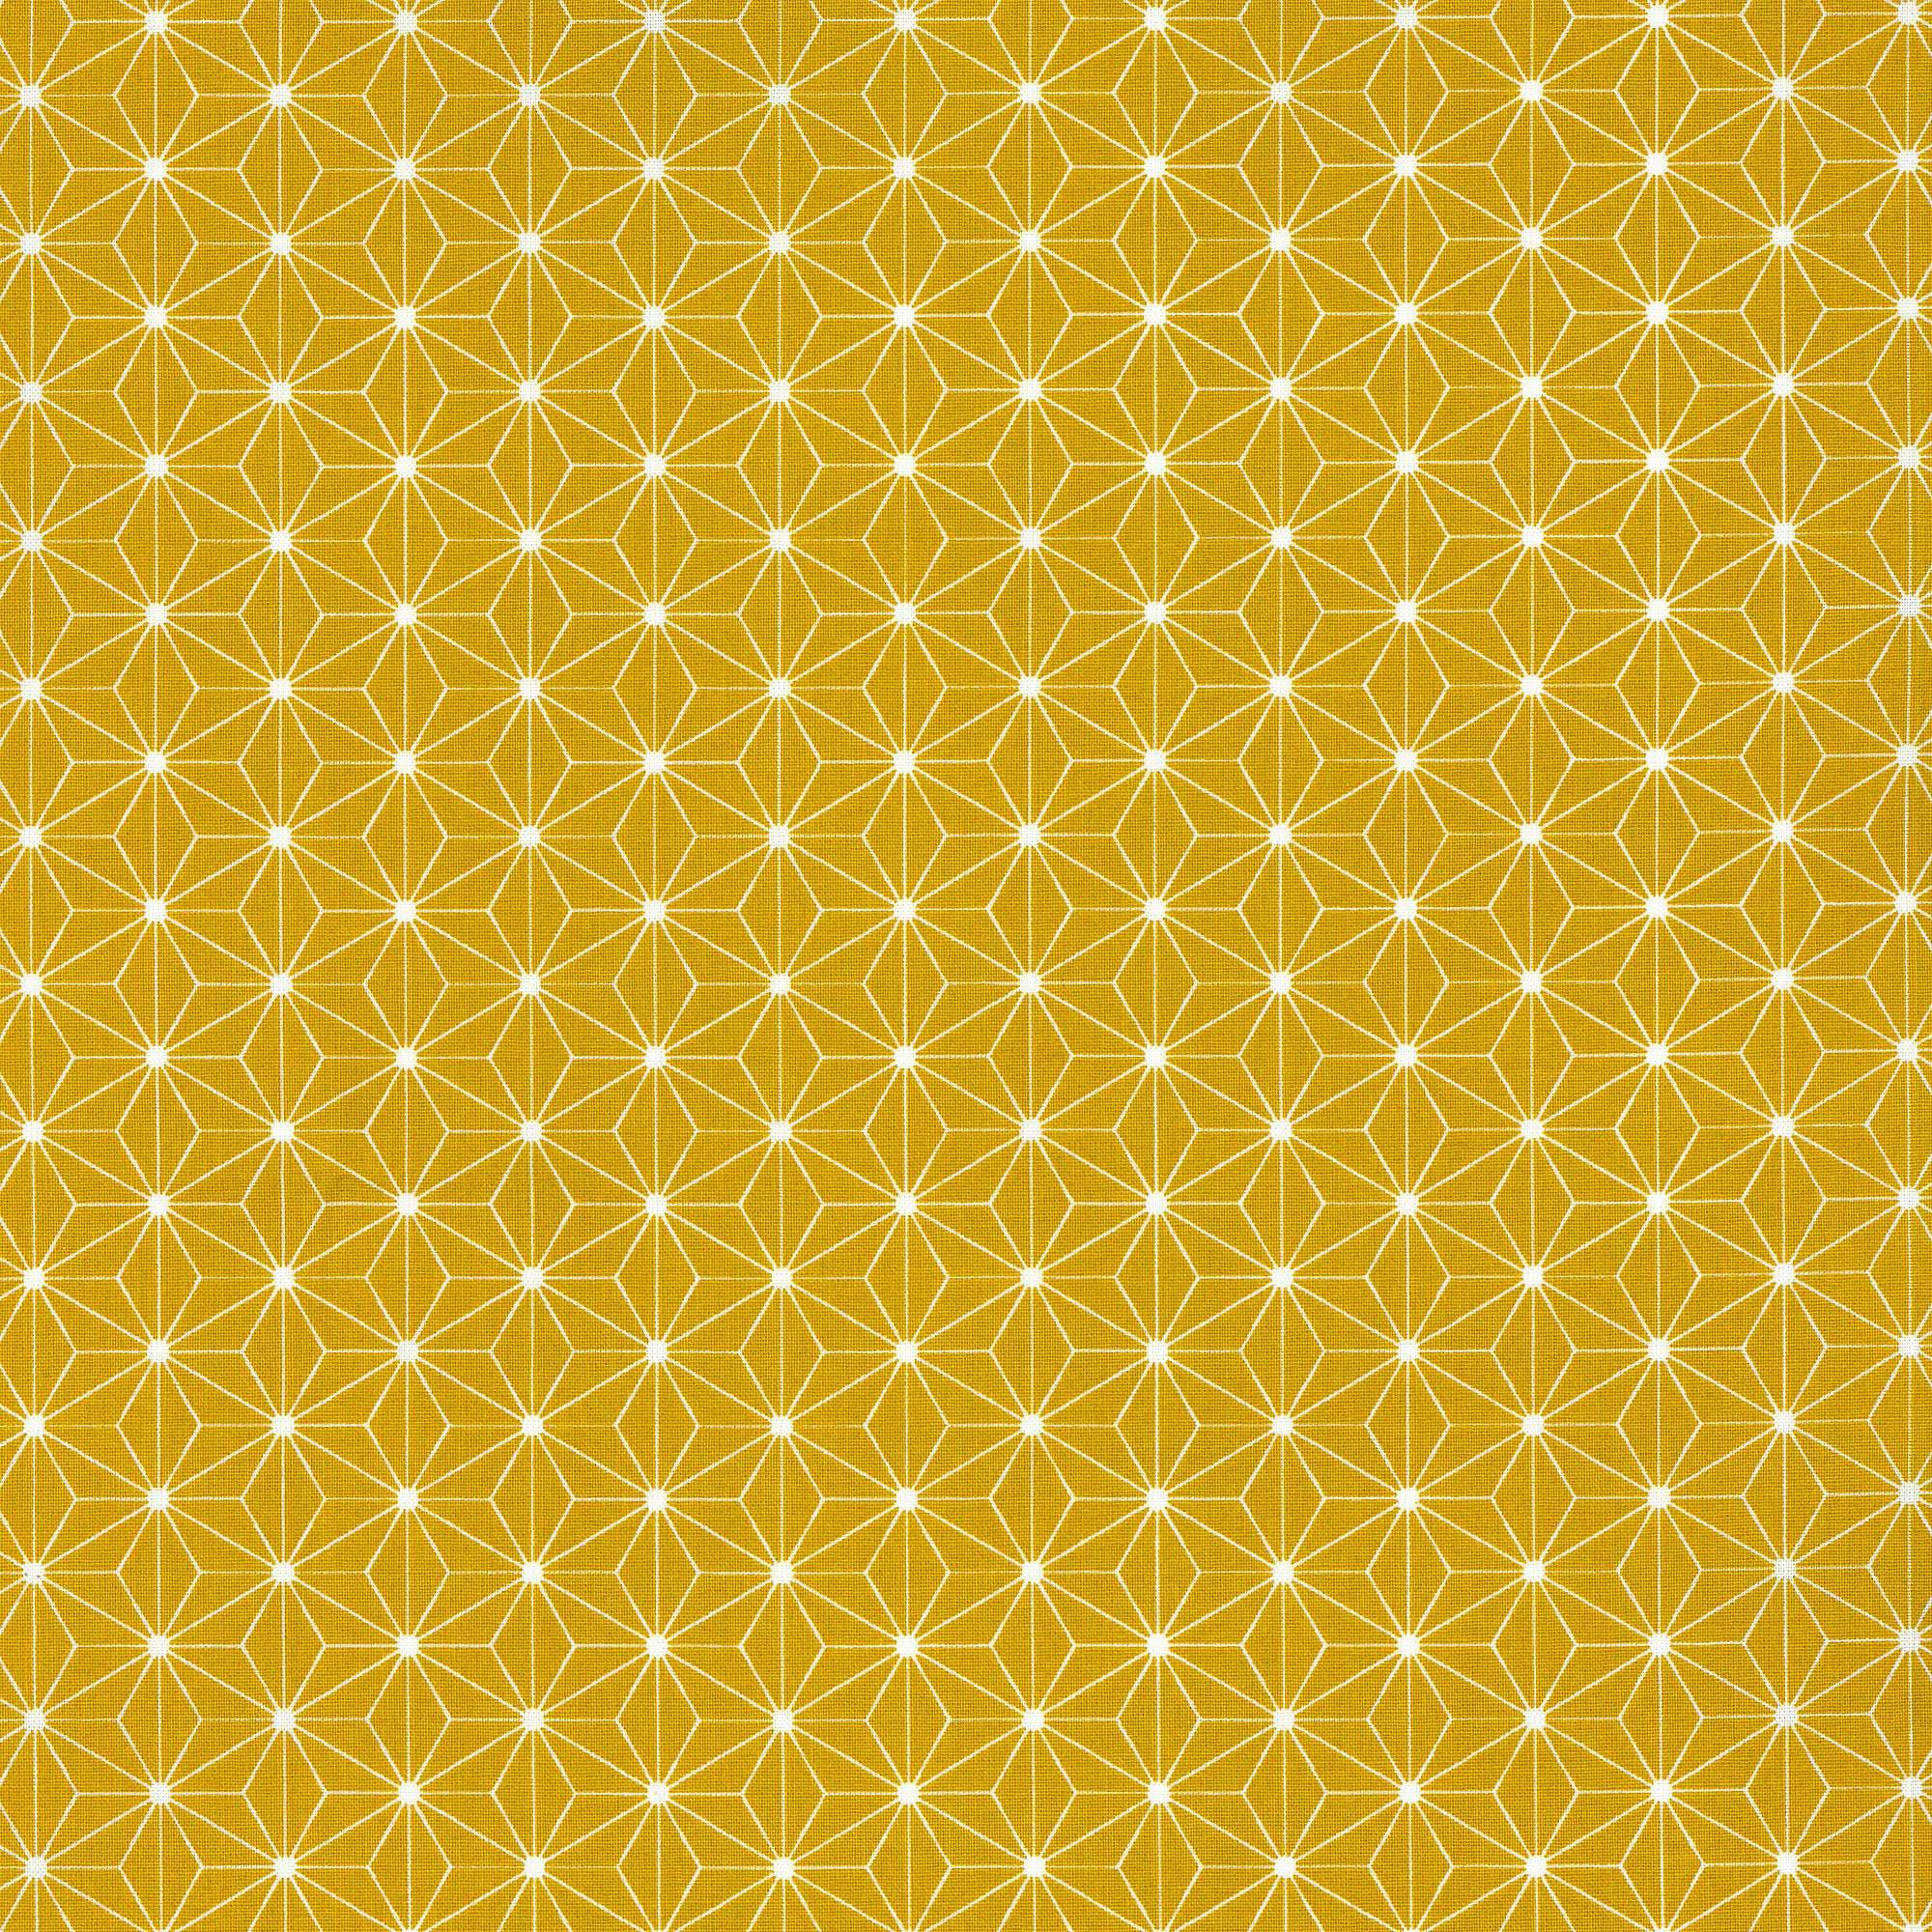 produkt_img/010507546.jpg